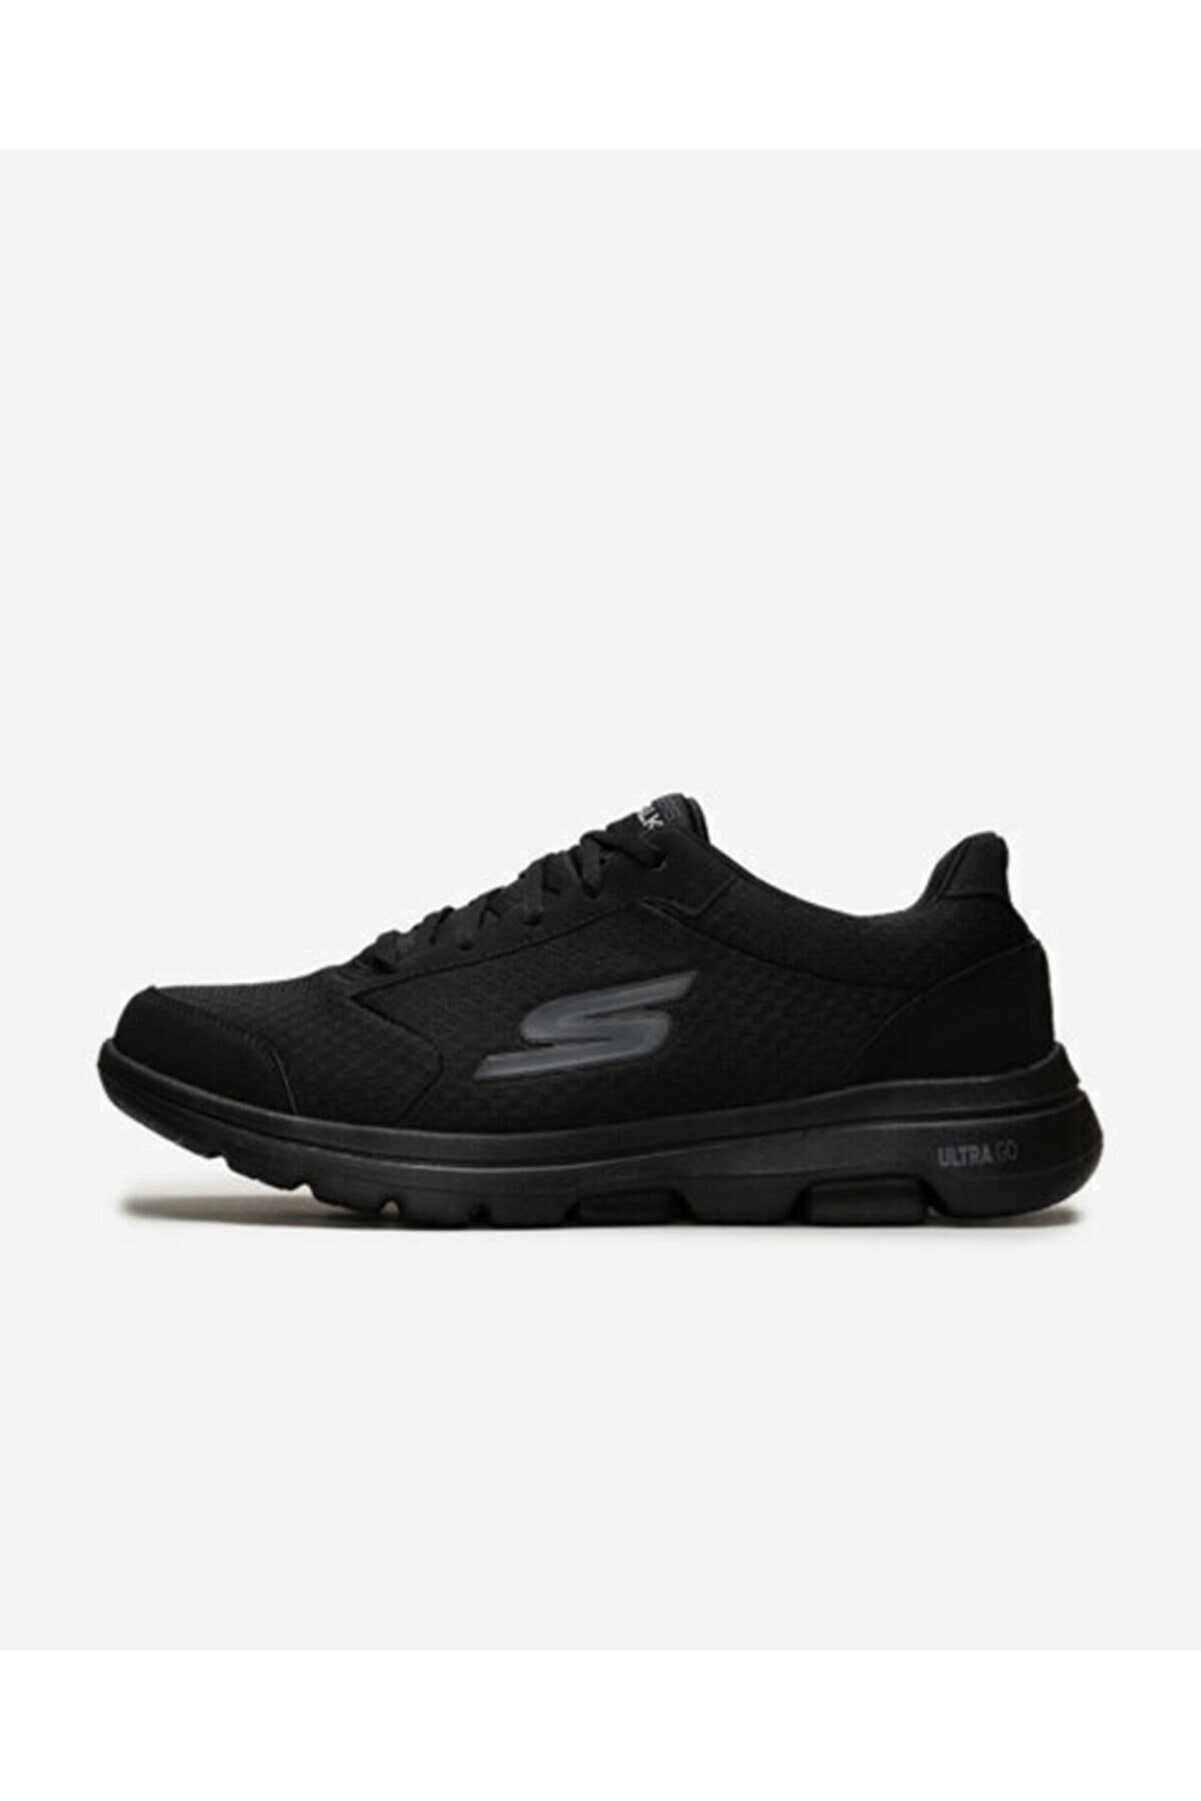 Skechers GO WALK 5 - QUALIFY Erkek Siyah Yürüyüş Ayakkabısı